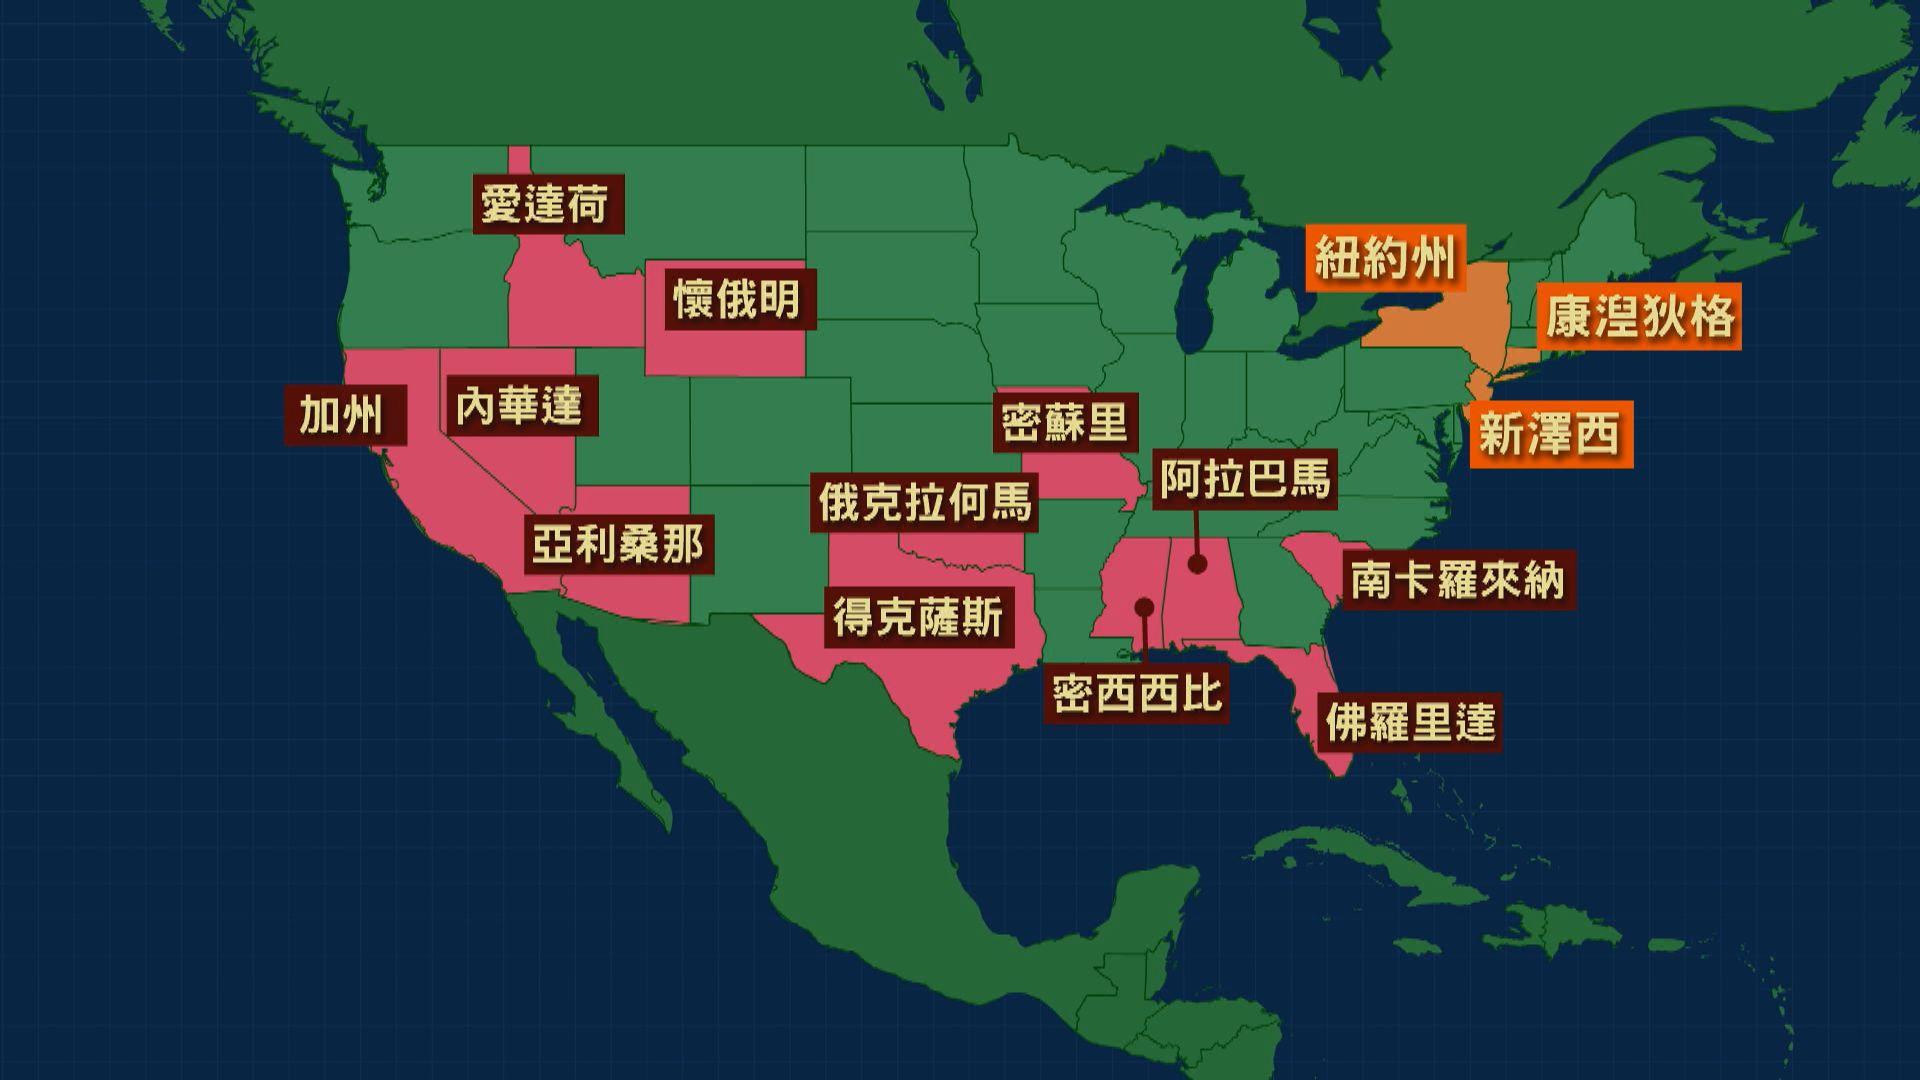 美國逾十個州叫停重啟經濟活動